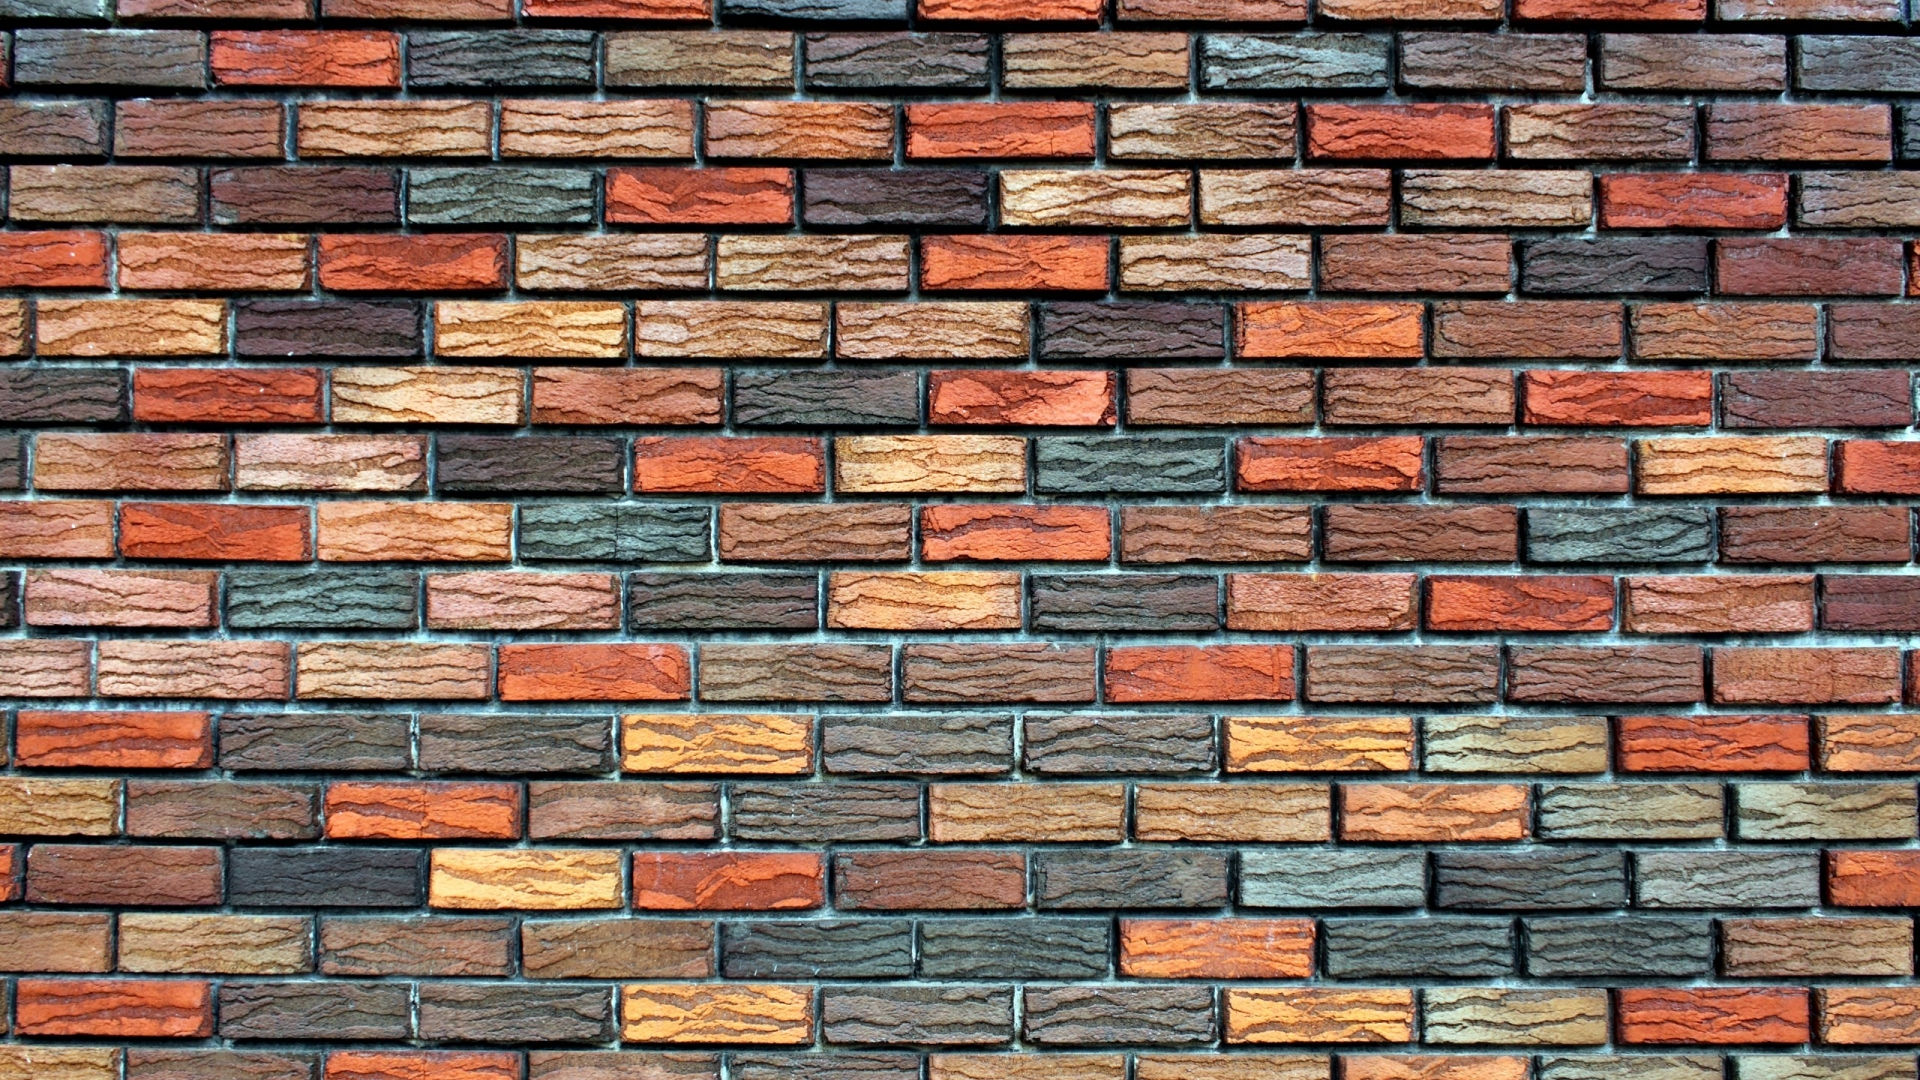 textura de ladrillos de colores hd 1920x1080 imagenes